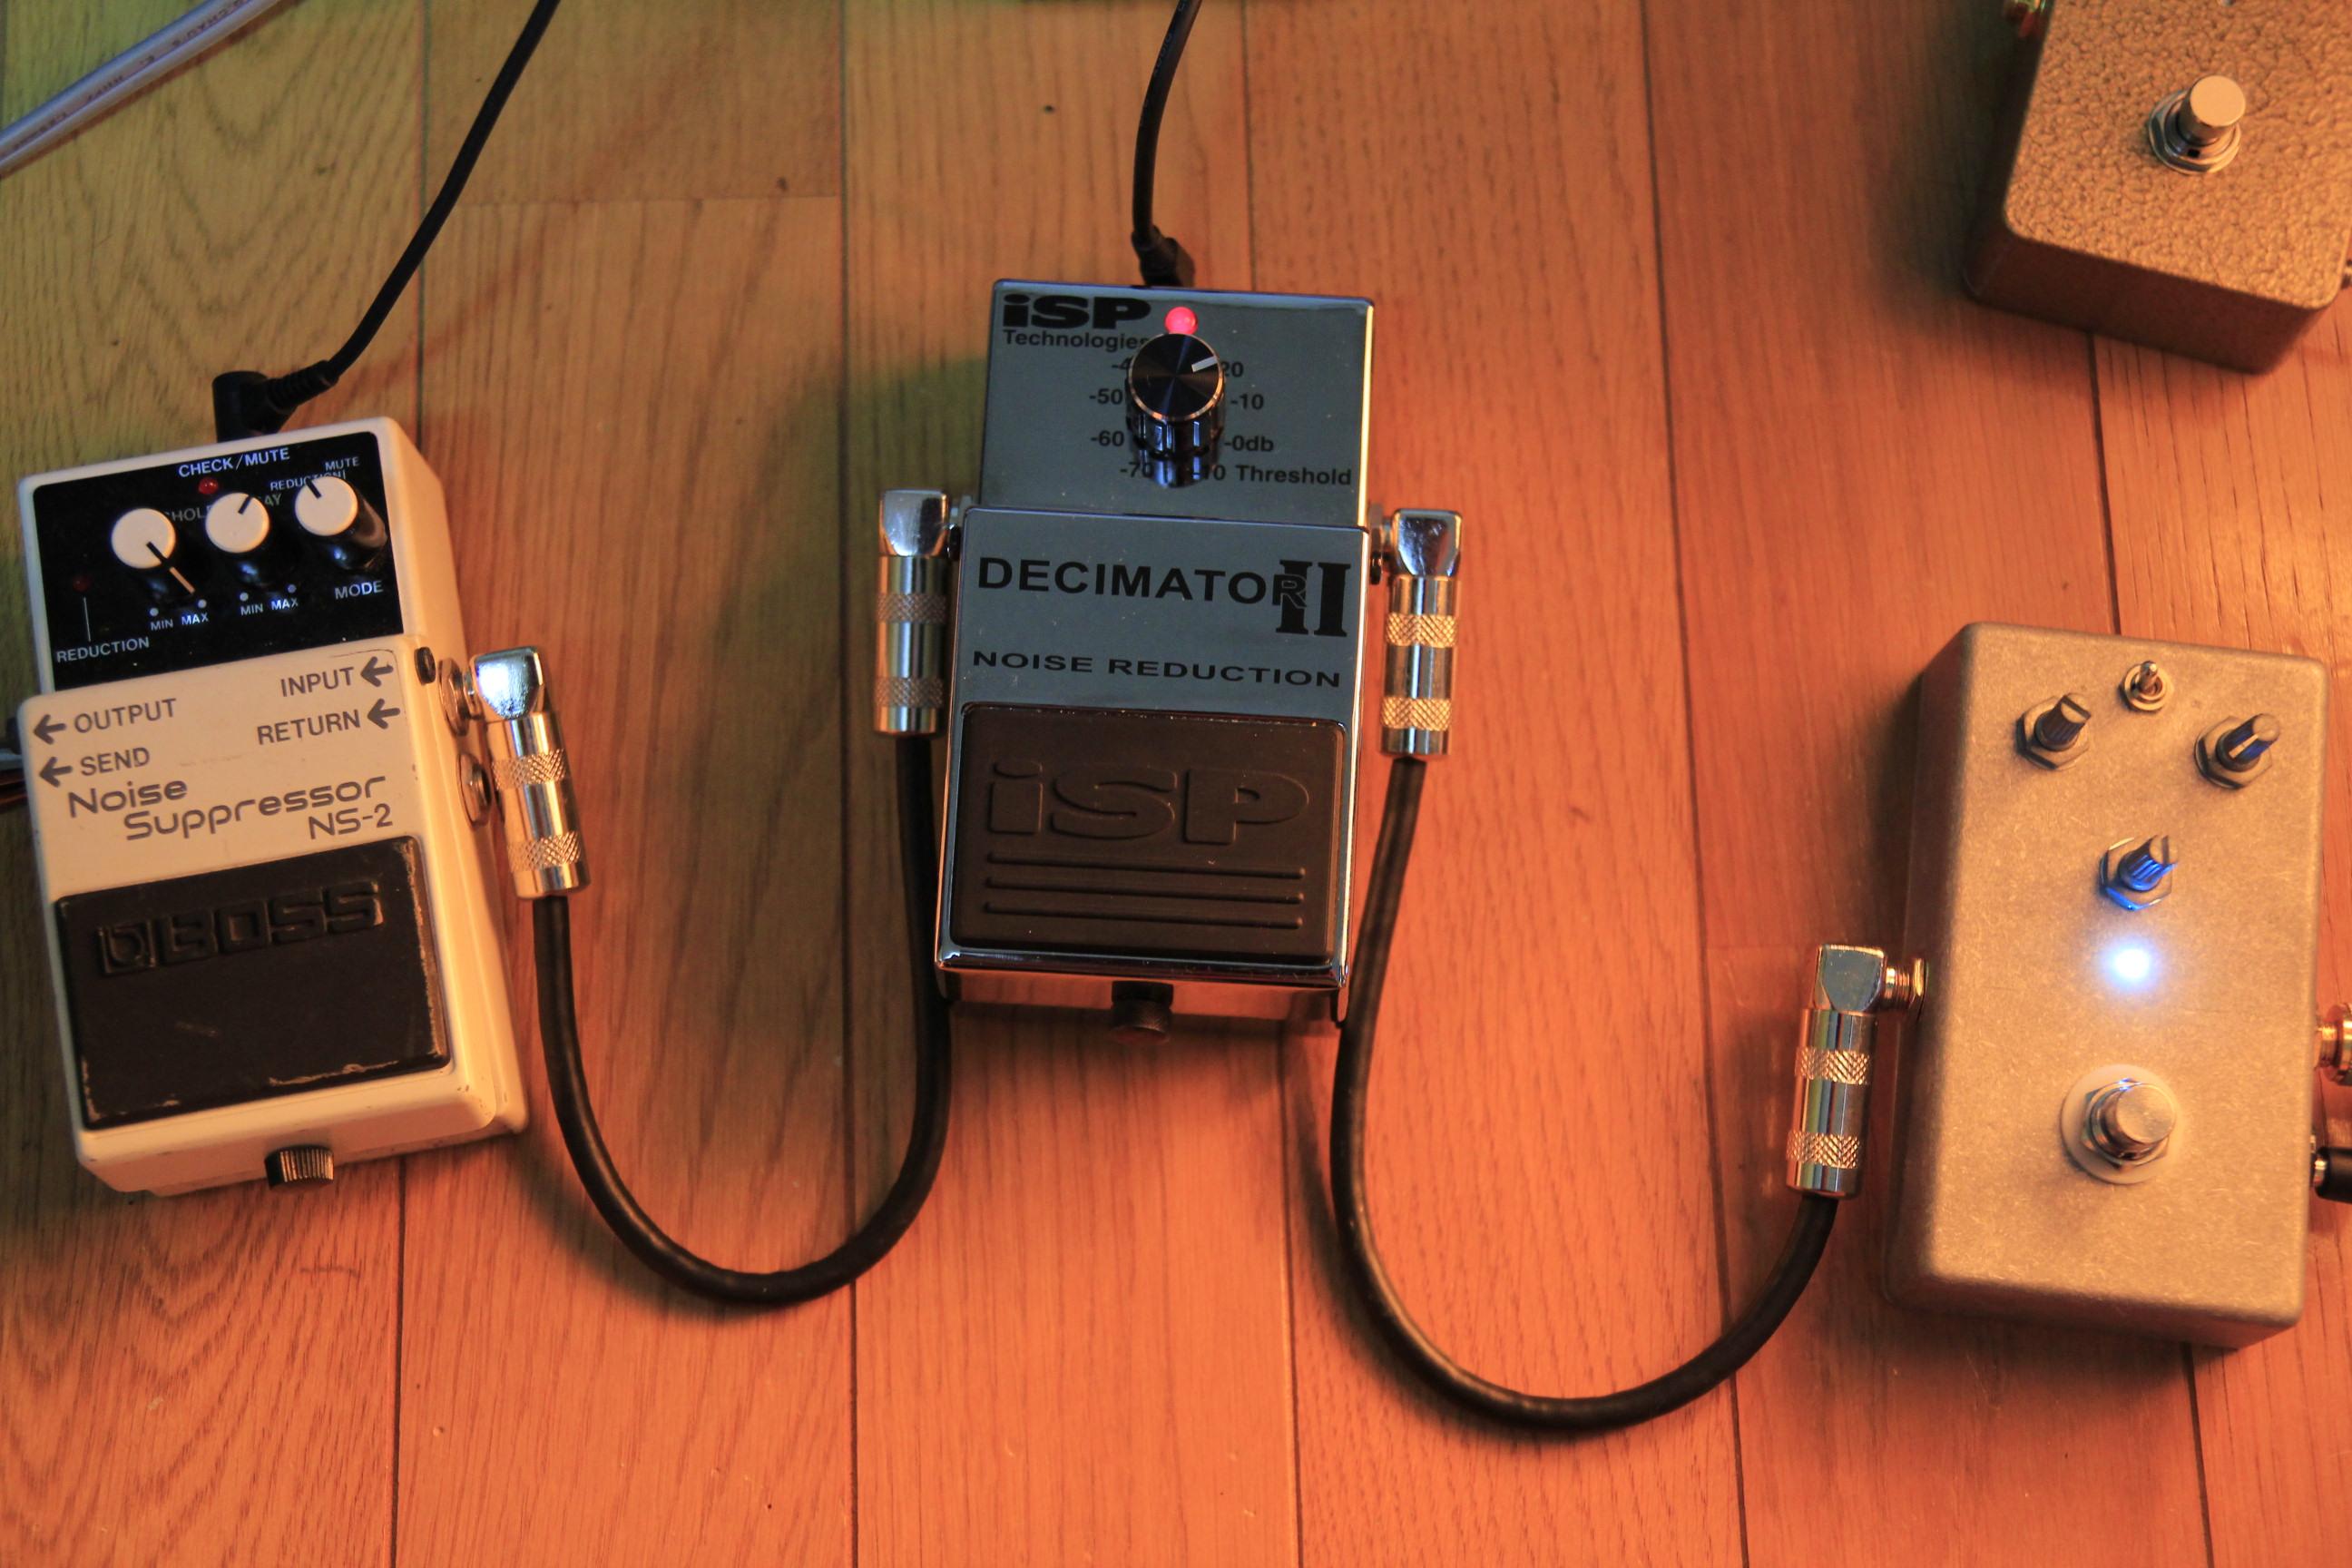 isp-decimator-1